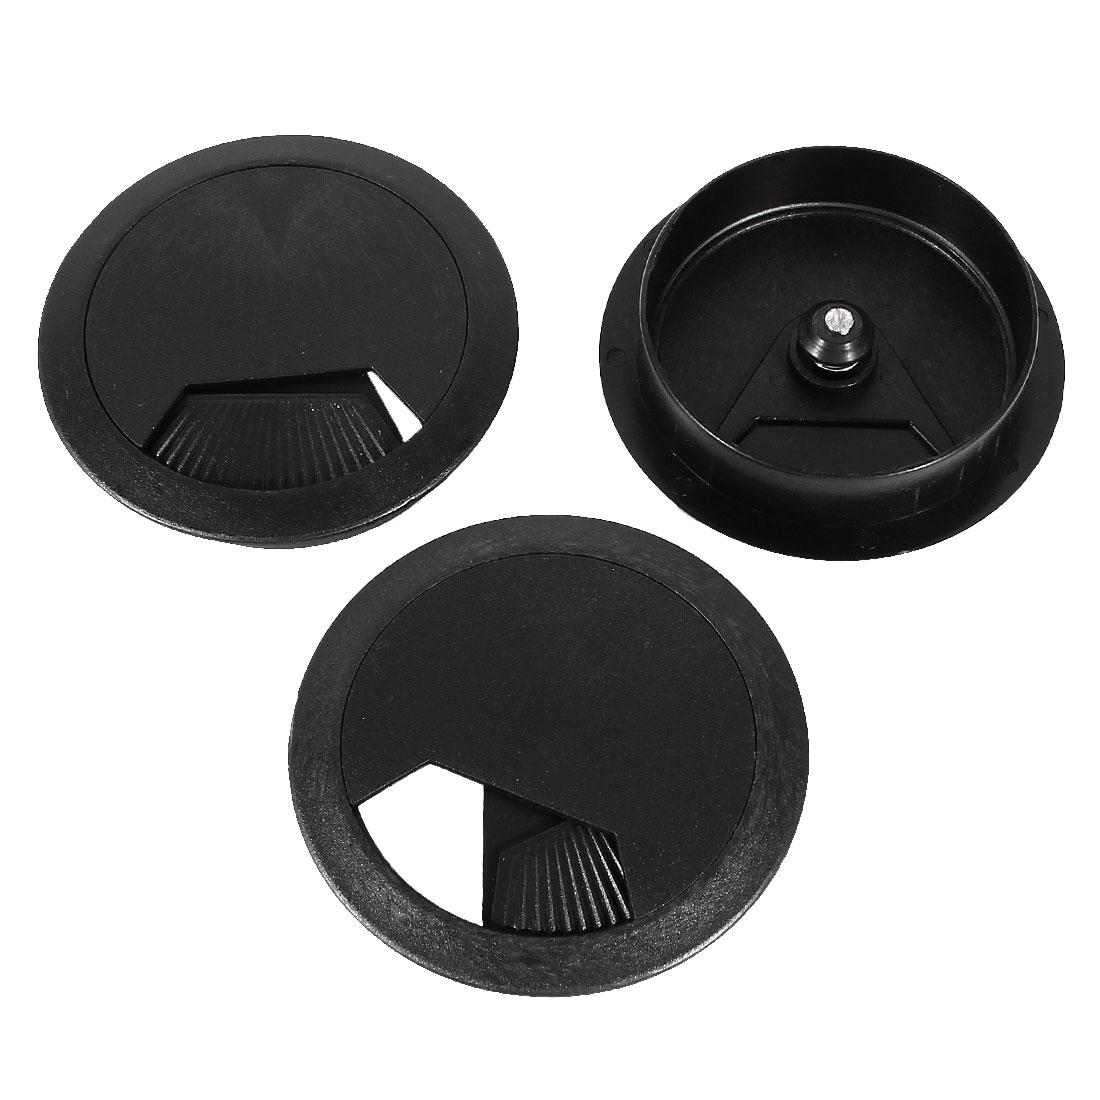 PC Desk Black Plastic 60mm Diameter Grommet Cable Hole Cover 3 Pcs